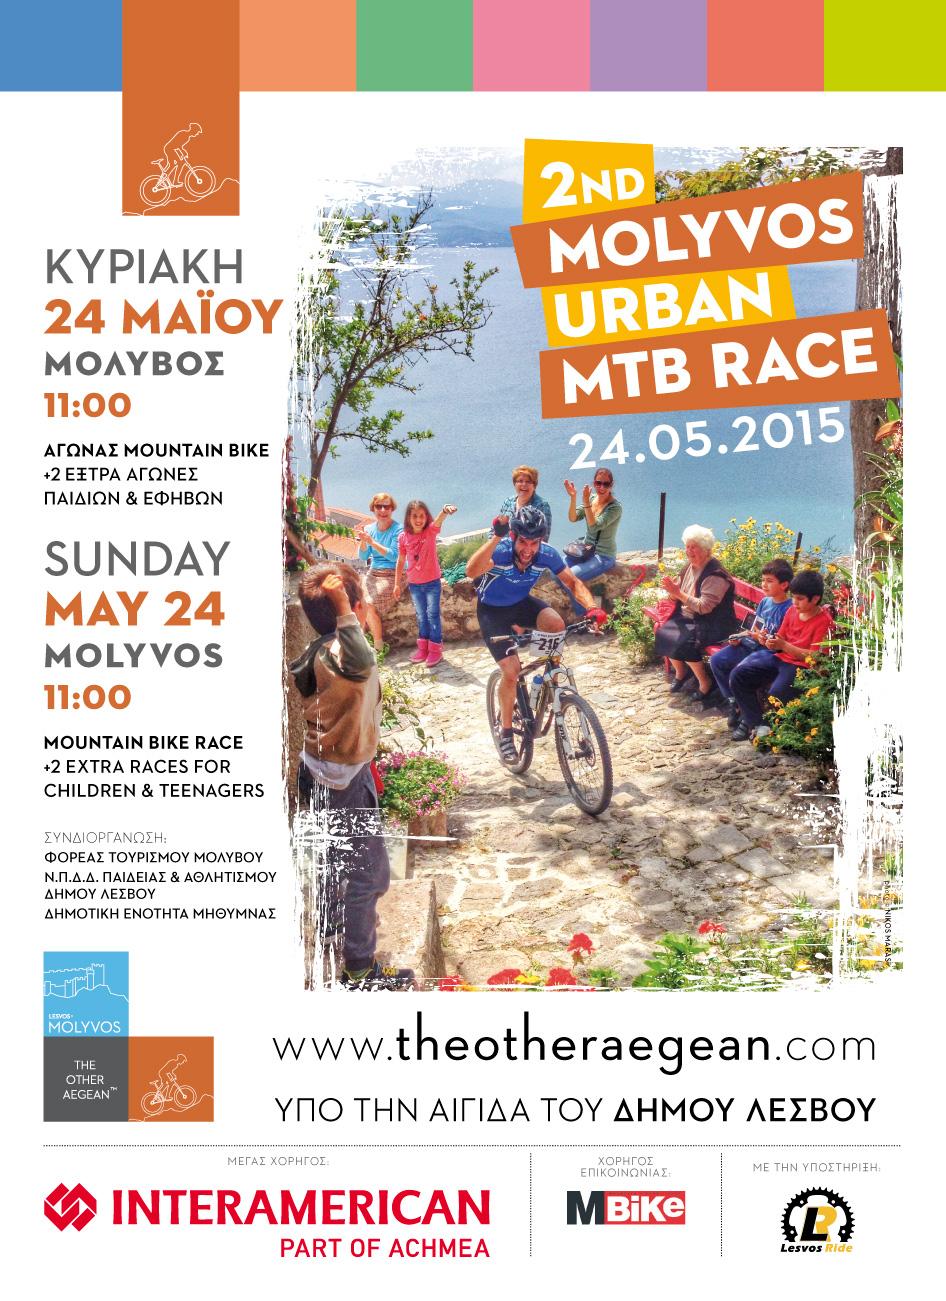 web_Molyvos_MTB_race_poster